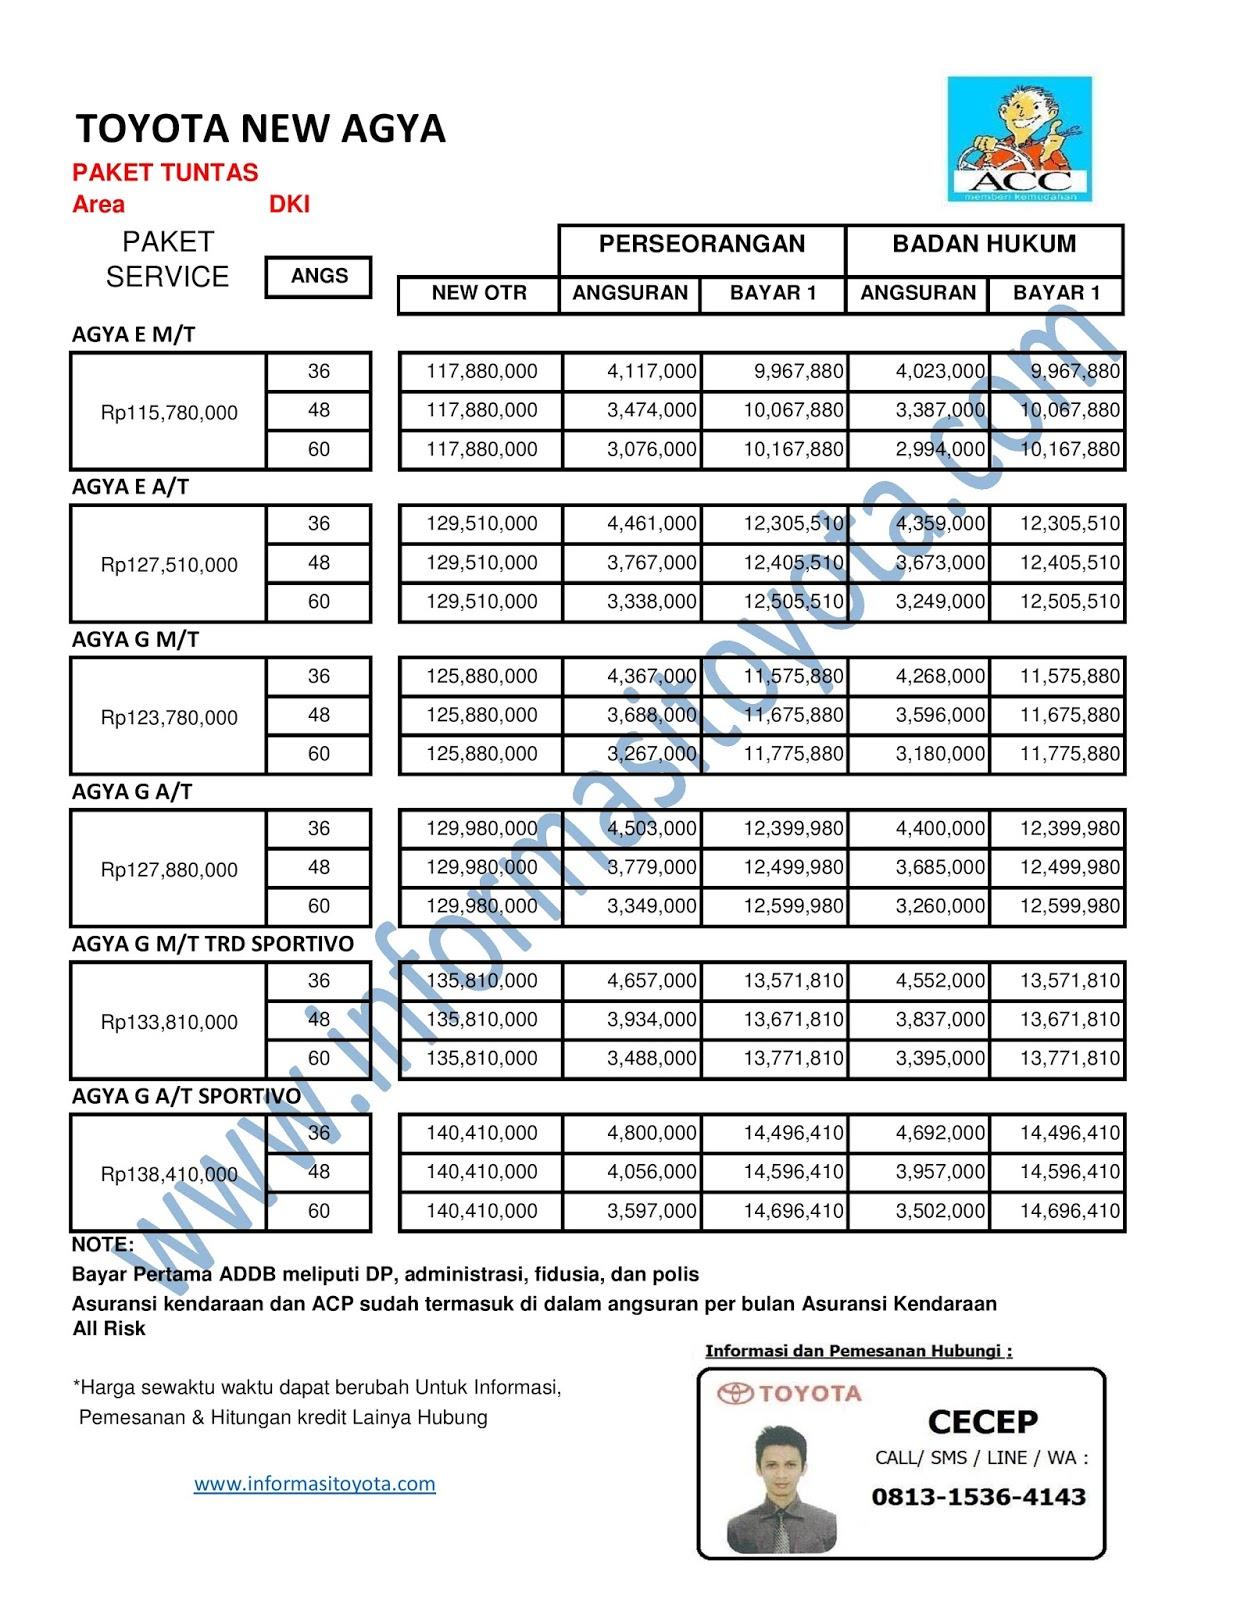 tabel angsuran dp toyota agya paket dp murah 10 juta di toyota